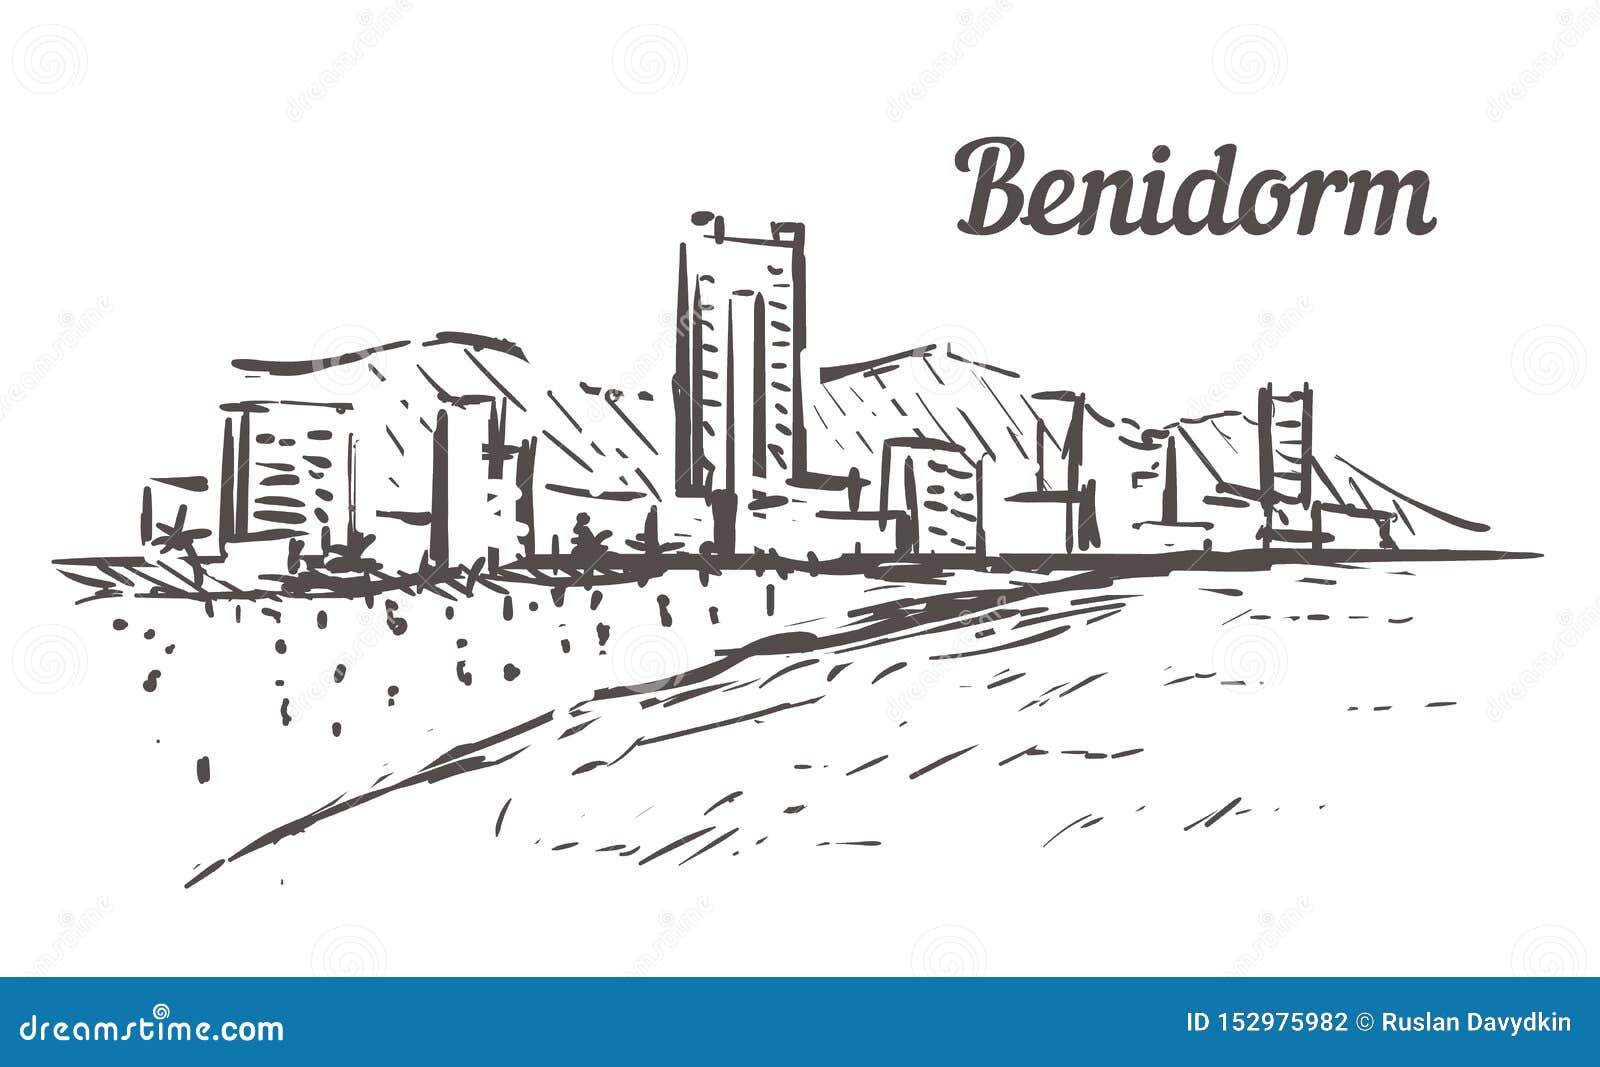 Benidorm horizonschets Benidorm, Spanje hand getrokken illustratie